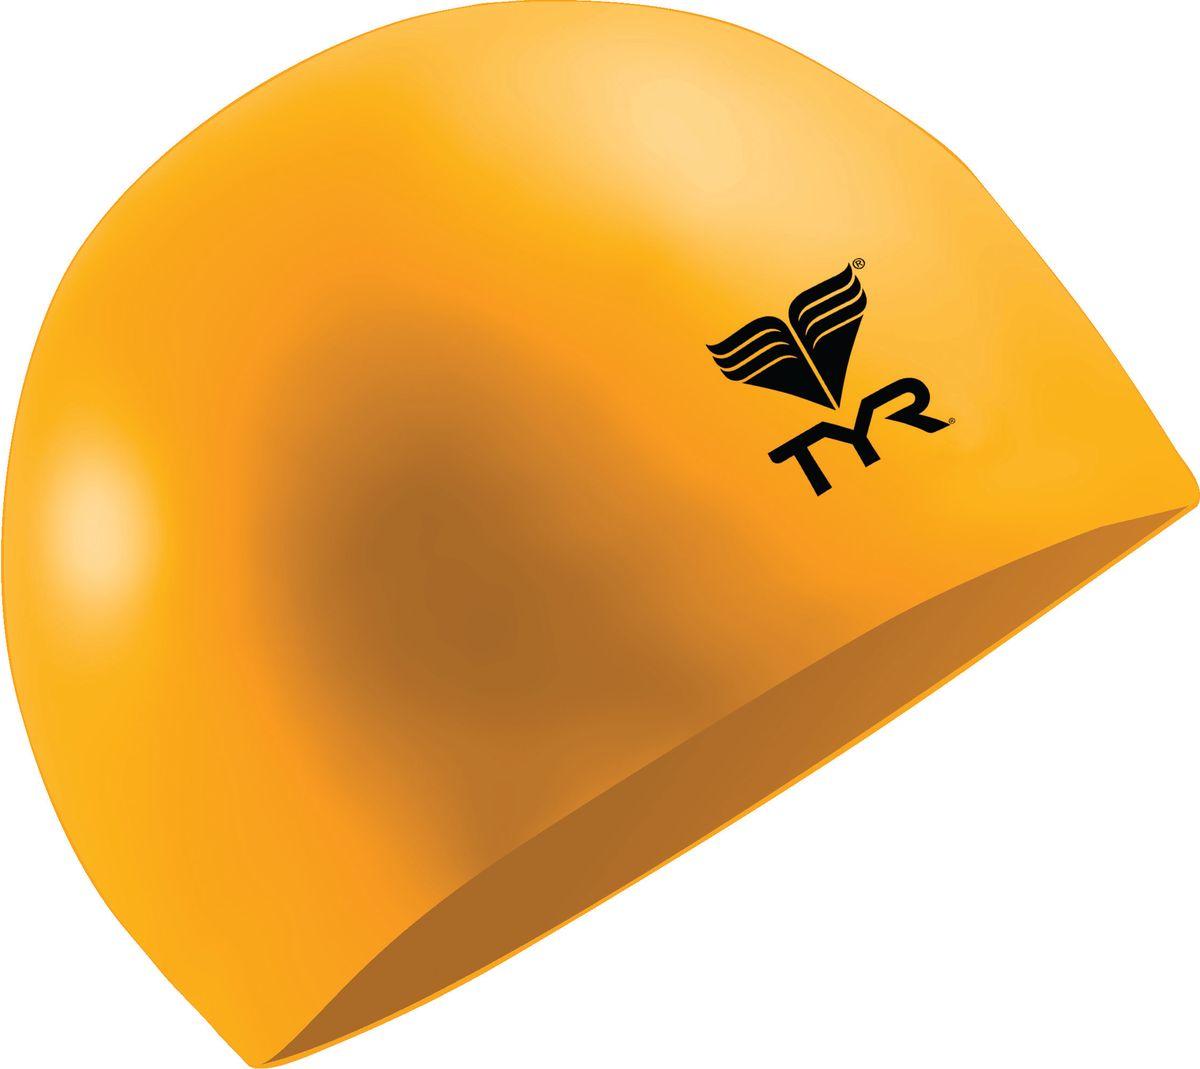 Шапочка для плавания Tyr Latex Swim Cap, цвет: оранжевый. LCLLCLШапочка TYR Latex - изготовлена из высококачественного латекса. Прочный, мягкий материал приятный на ощупь. Очень удобная модель для посещения тренировок в бассейне. Благодаря своей эластичности не давит на голову.